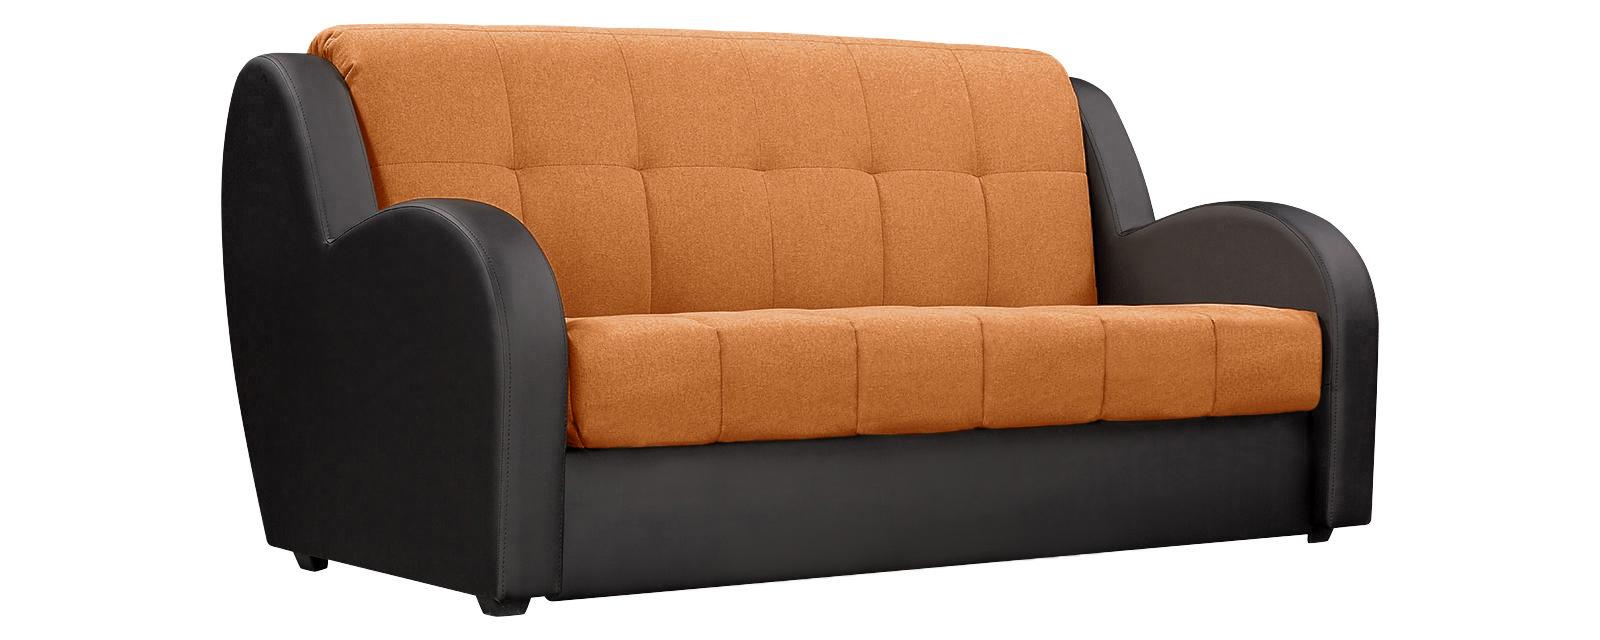 Диван тканевый прямой Барон Kiton оранжевый (Рогожка + Экокожа)